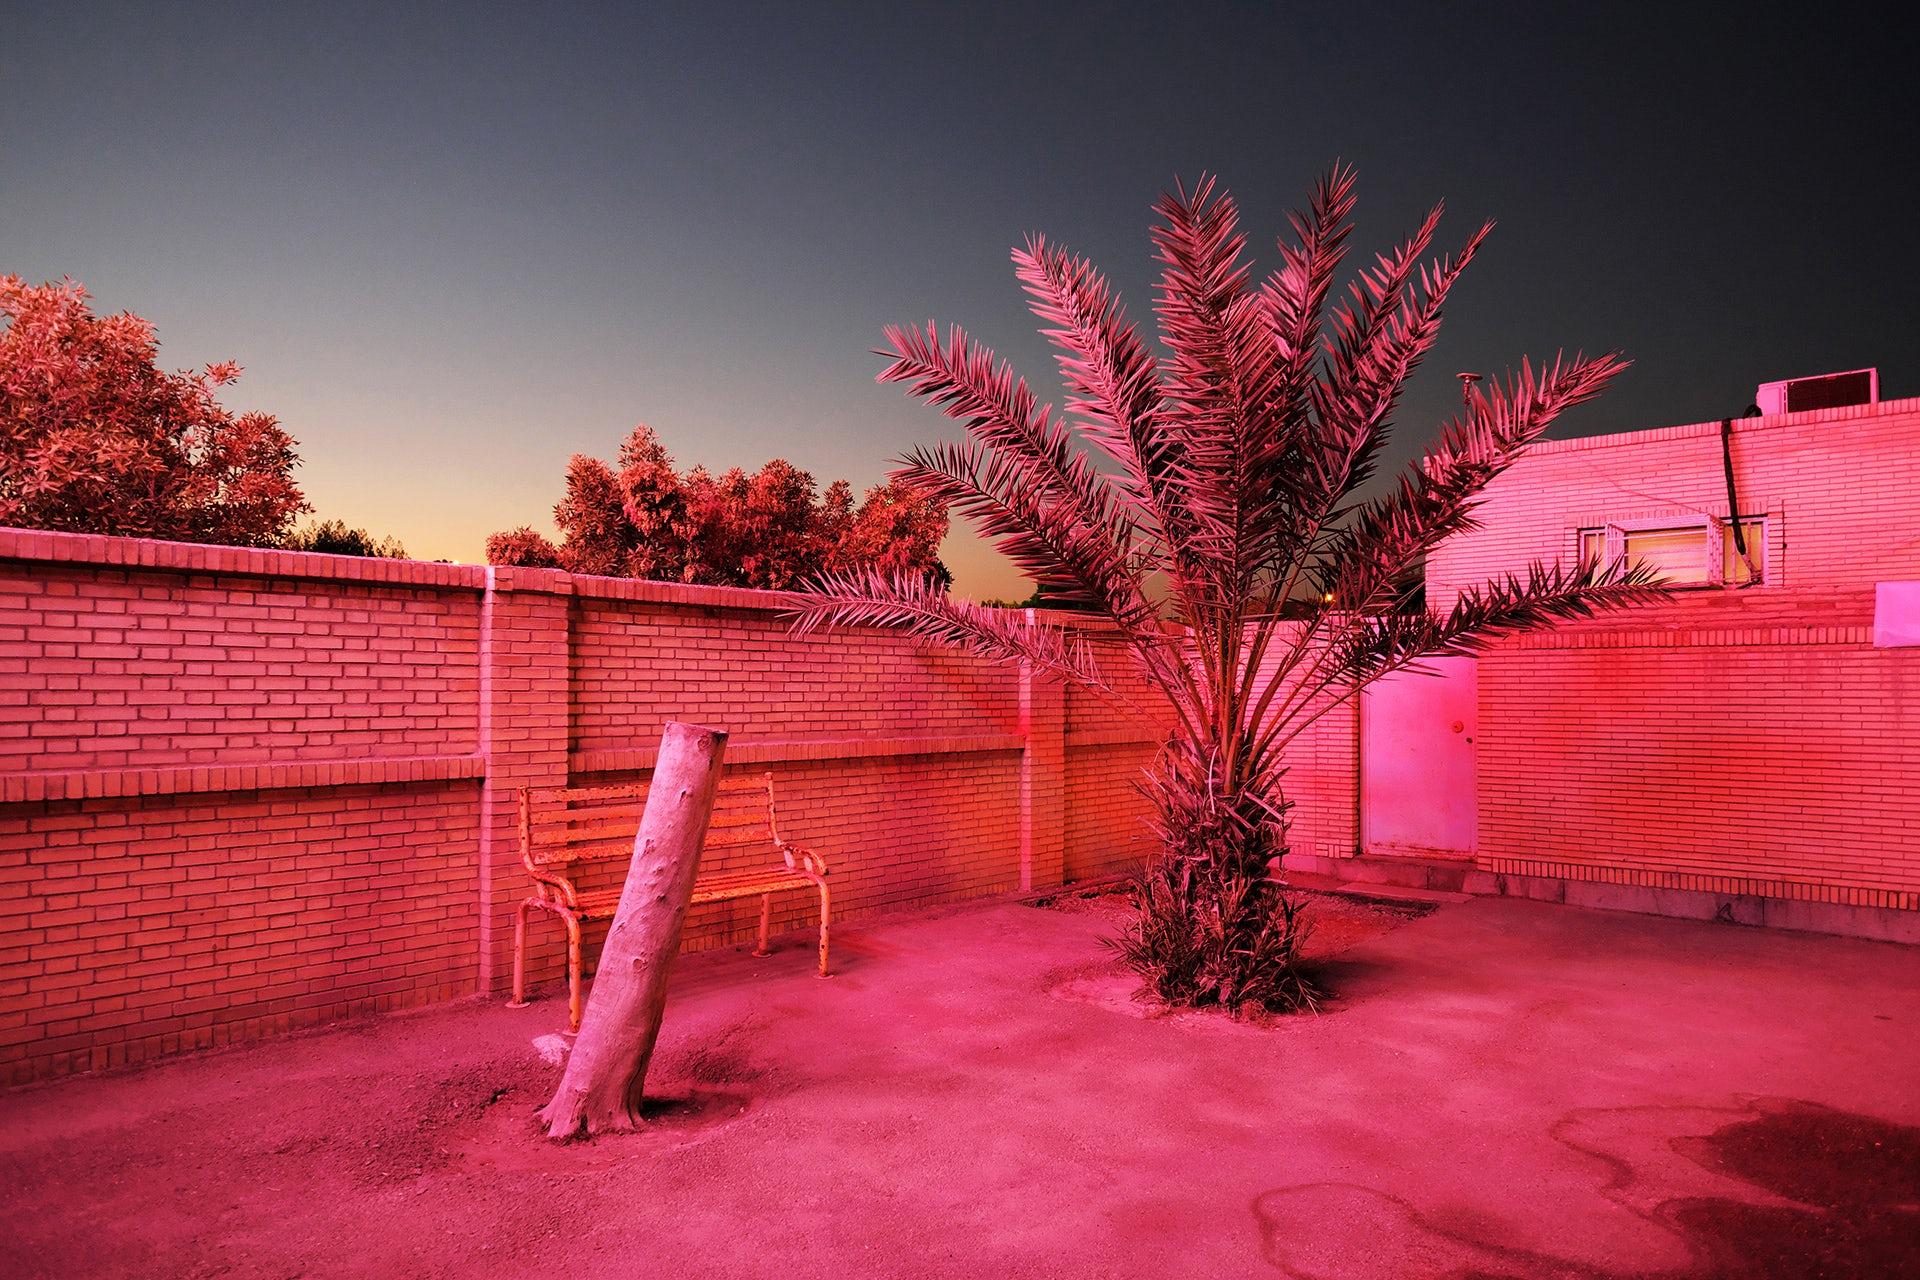 Paradise City by Sébastien Cuvelier